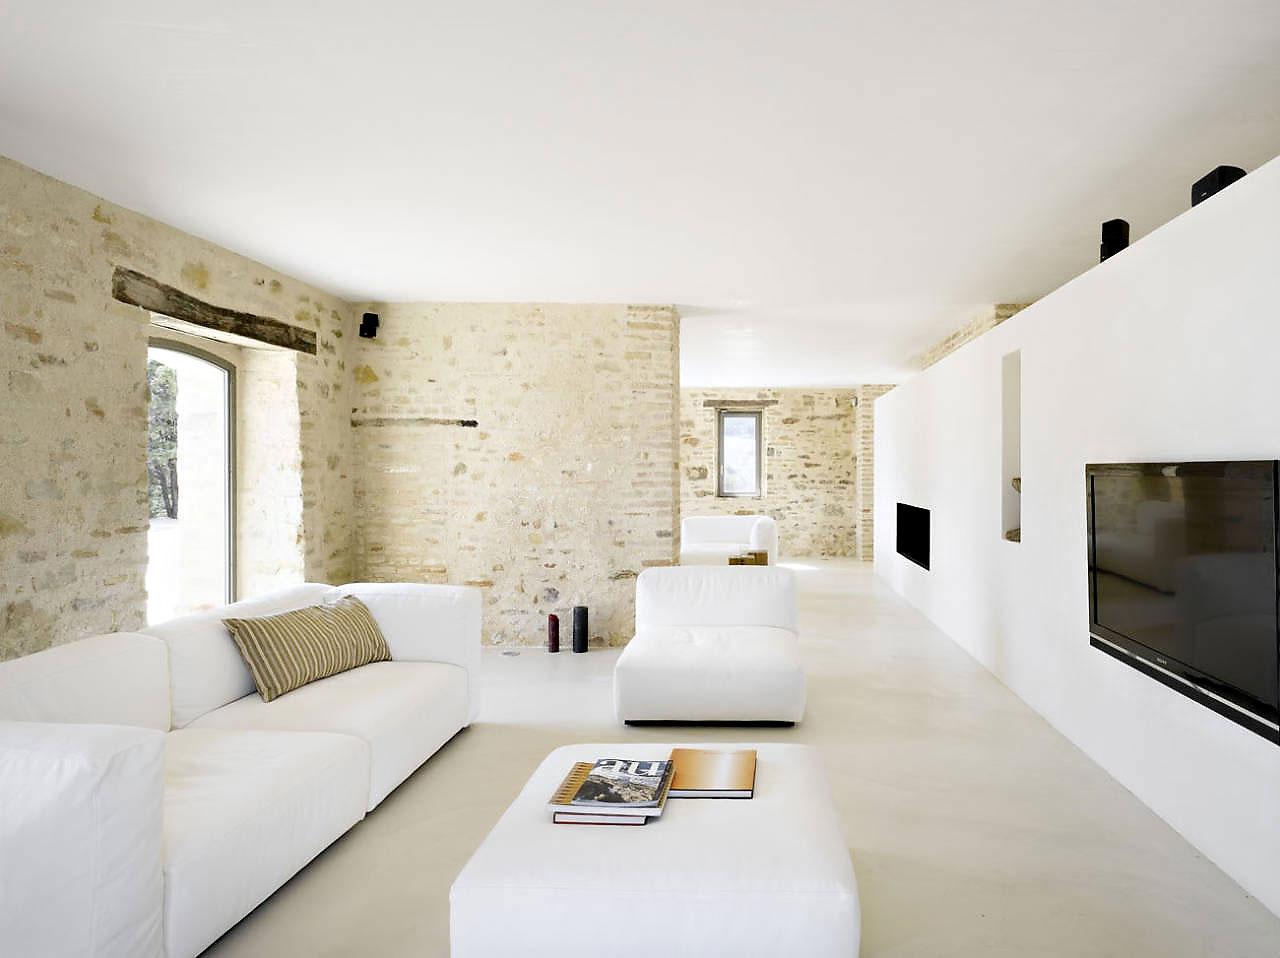 Умопомрачительное оформление интерьера помещения в стиле минимализм